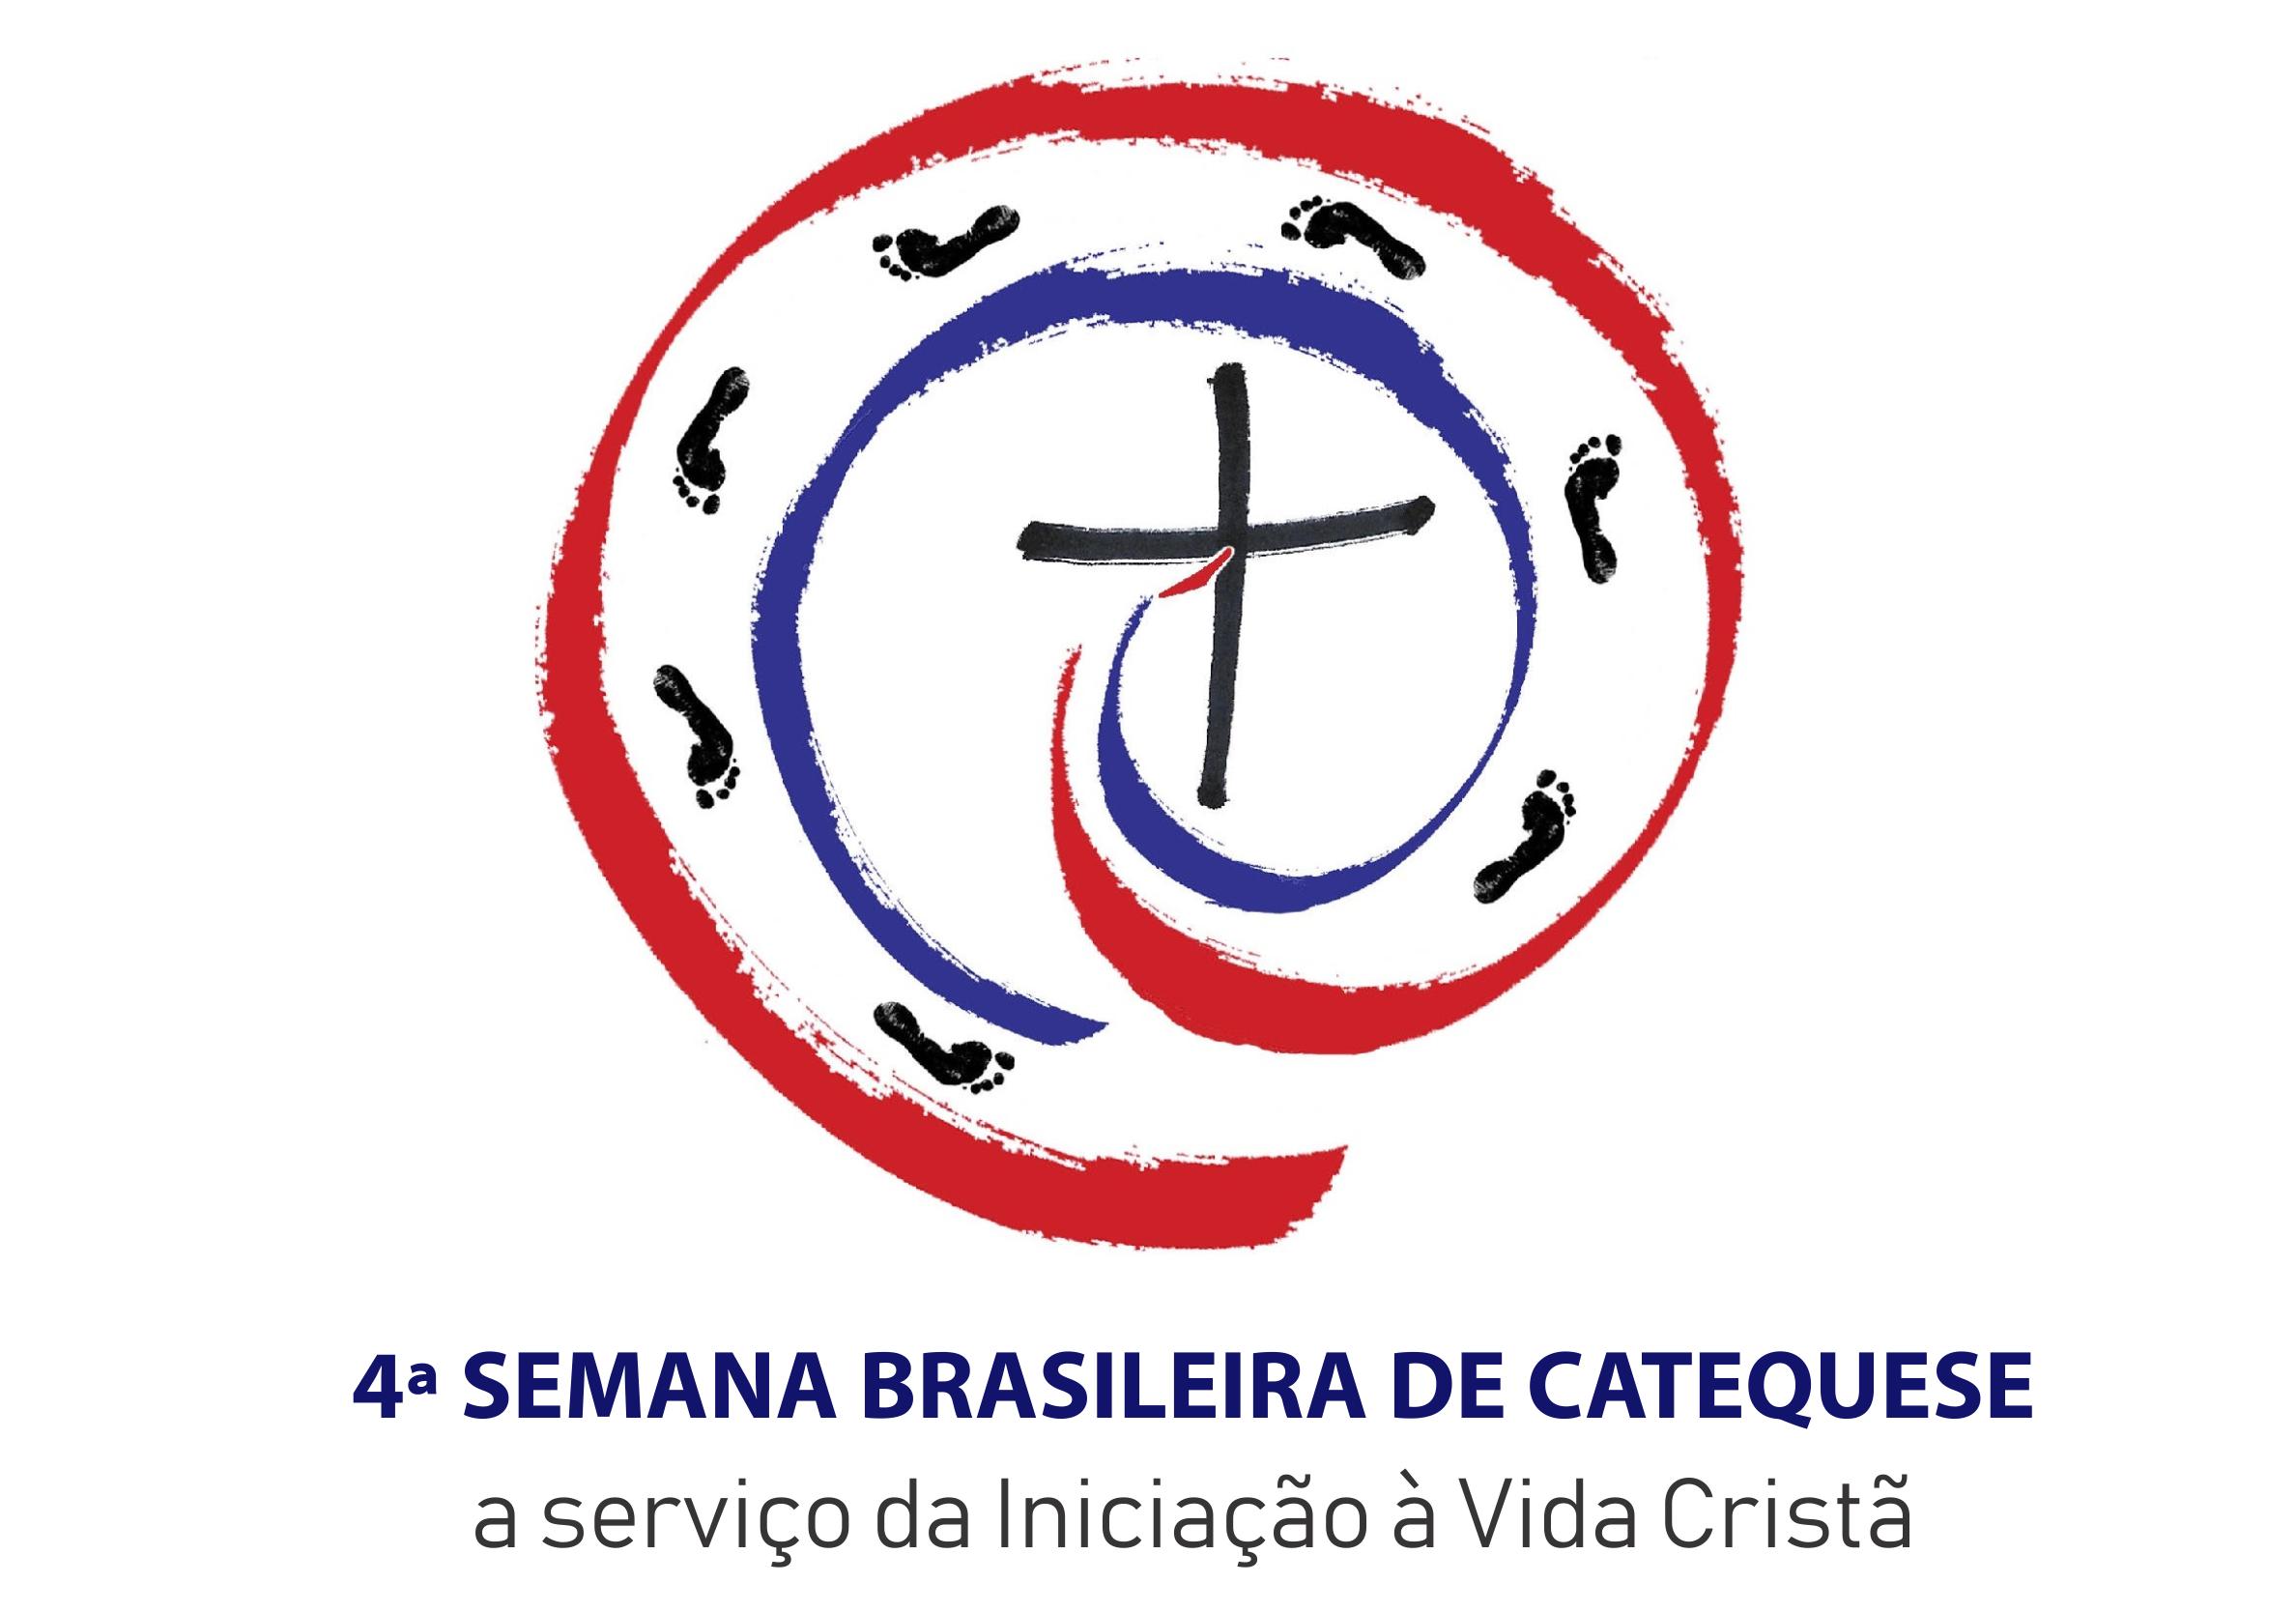 Comissão Bíblico-Catequética nacional